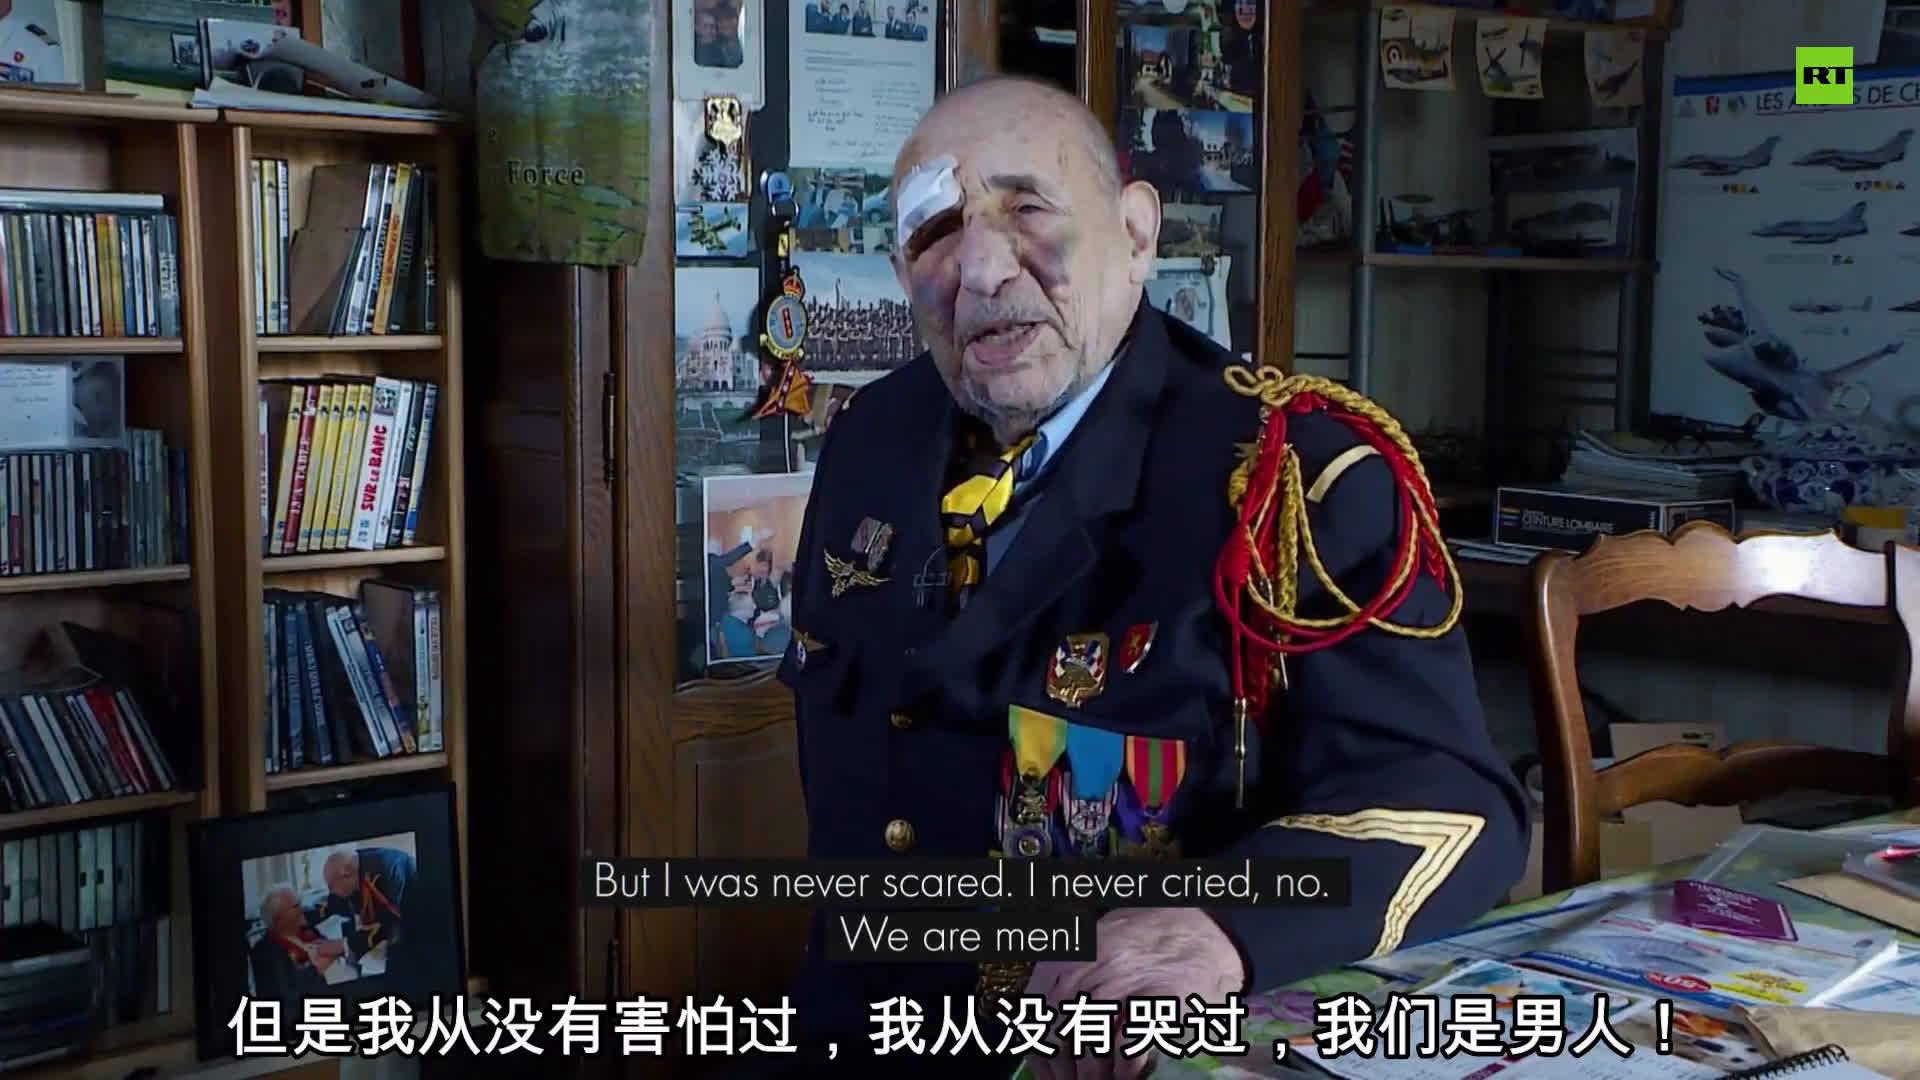 二战胜利75周年 法国二战老兵讲述自己的故事